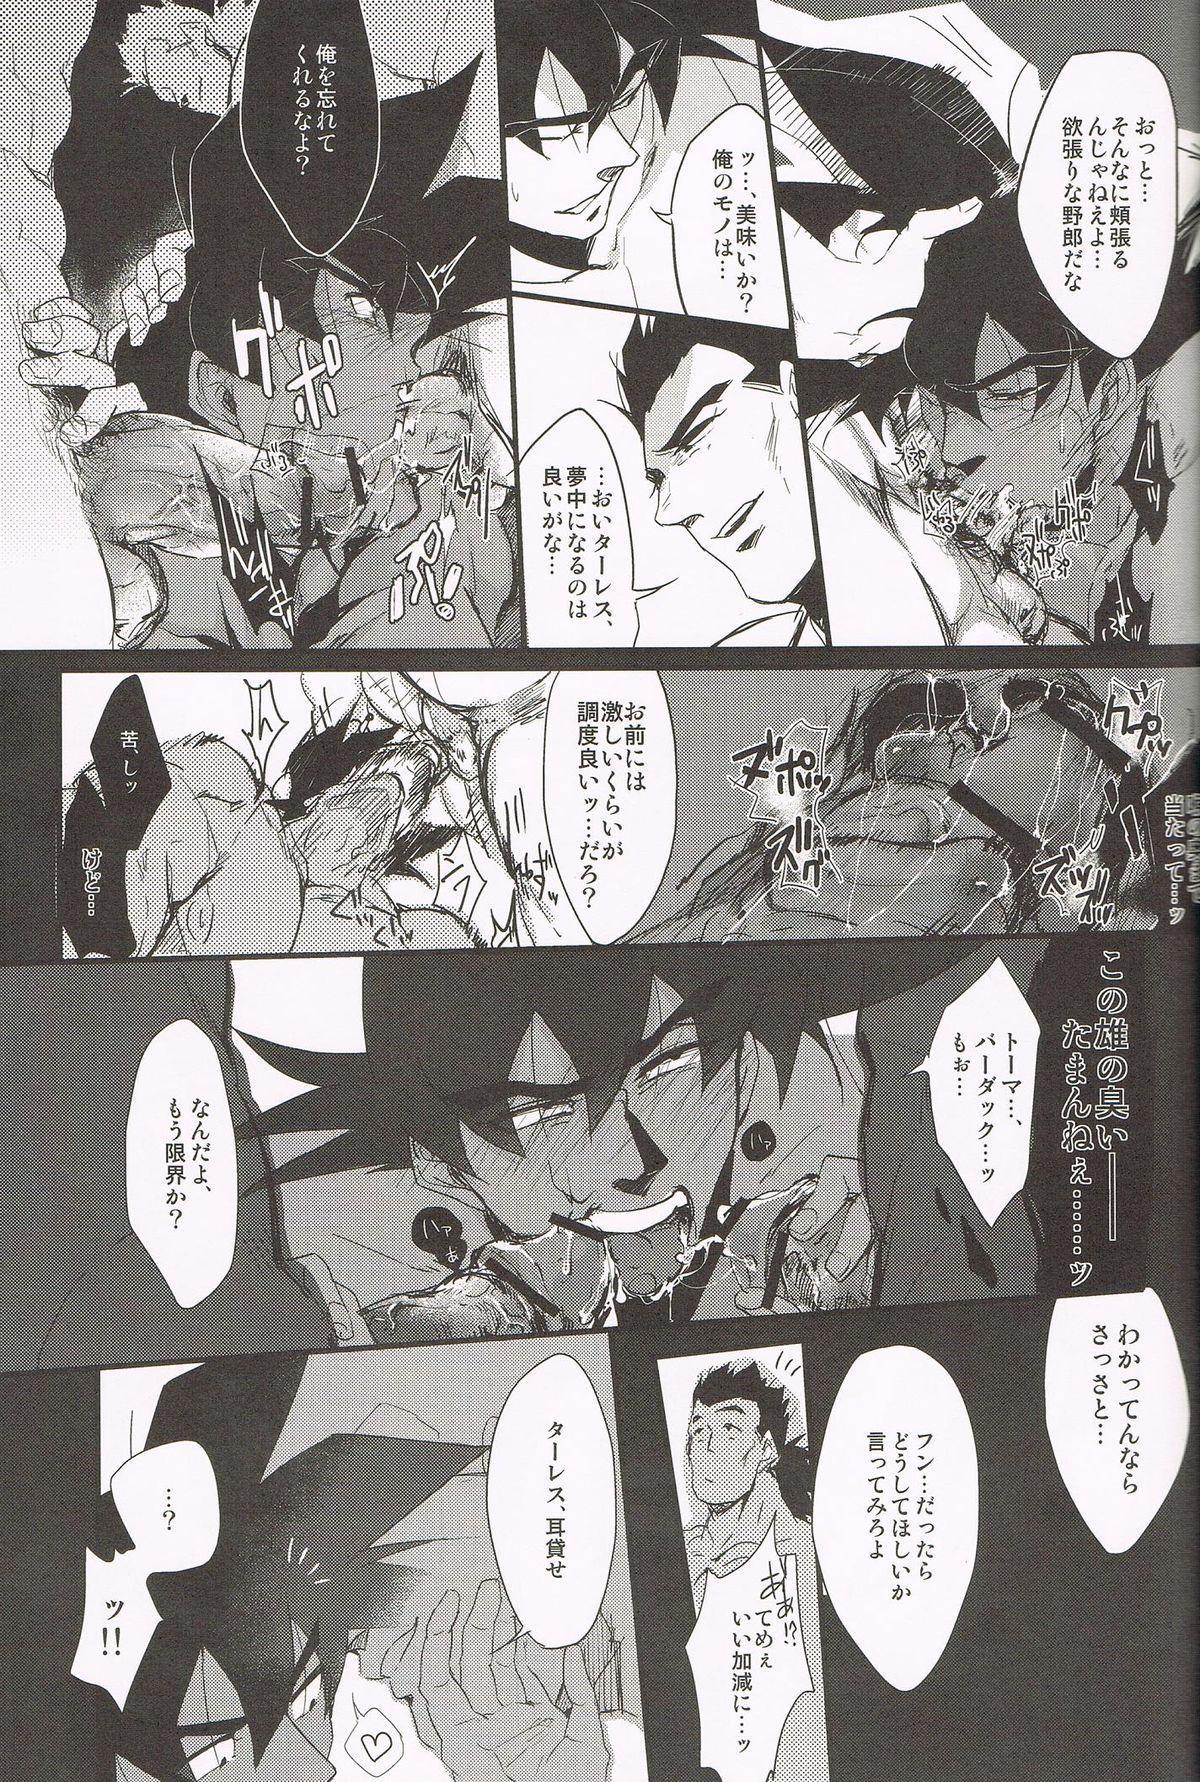 Shinsen Retasu wo Naburu dake no Kantan na Oshigoto desu 8